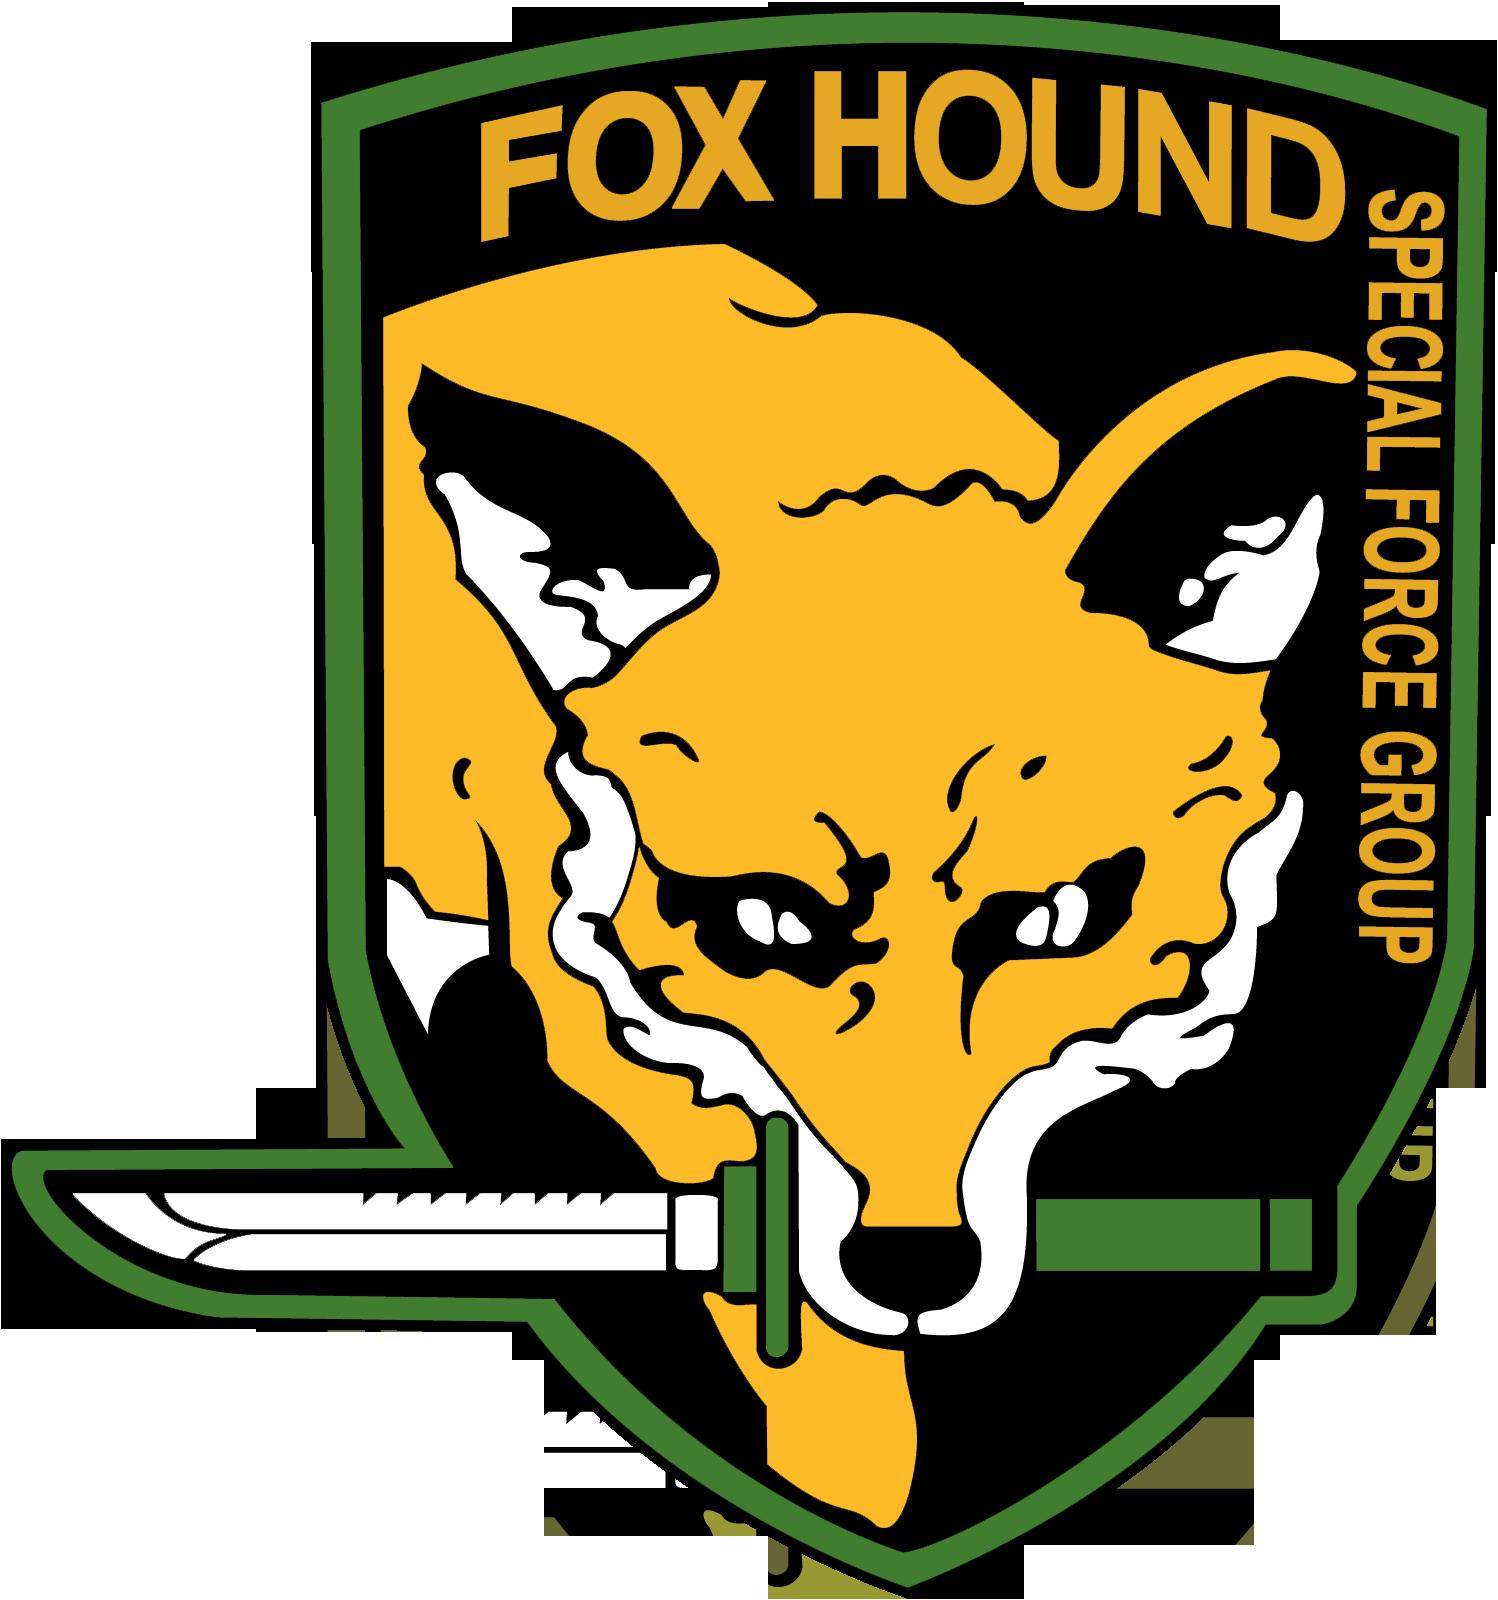 foxhound logo mgs